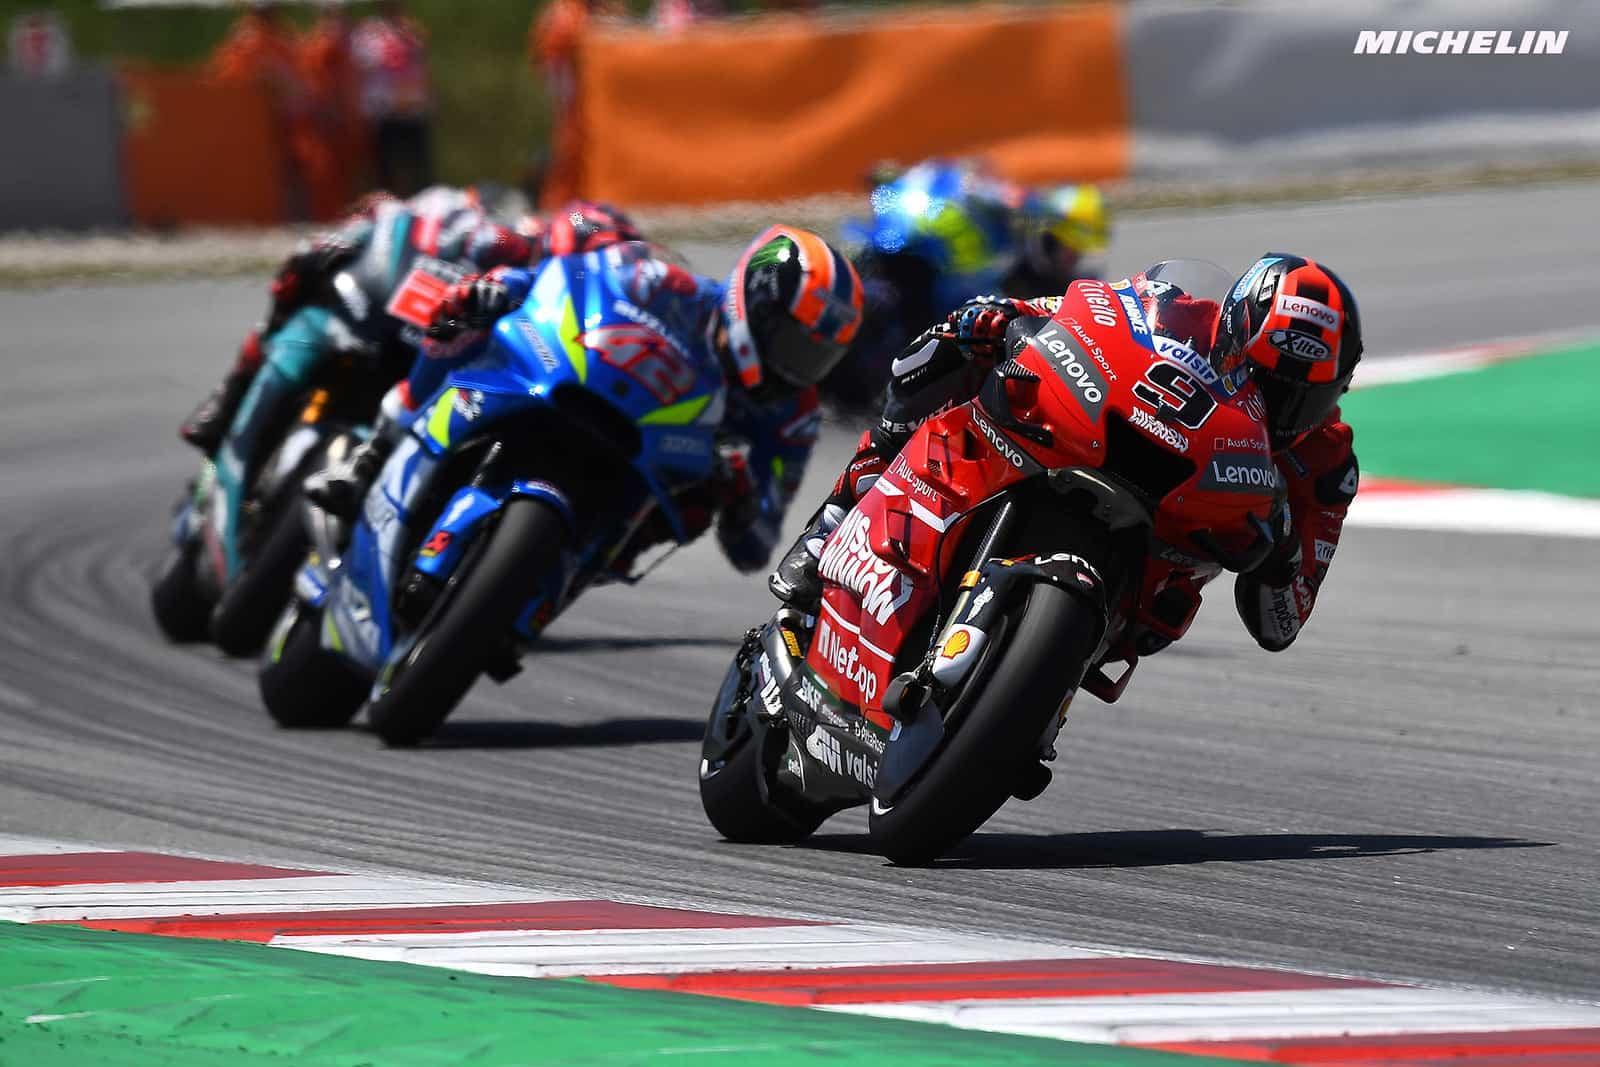 MotoGPと人工知能 速いバイクづくりに欠かせないデータ分析を機械が担当